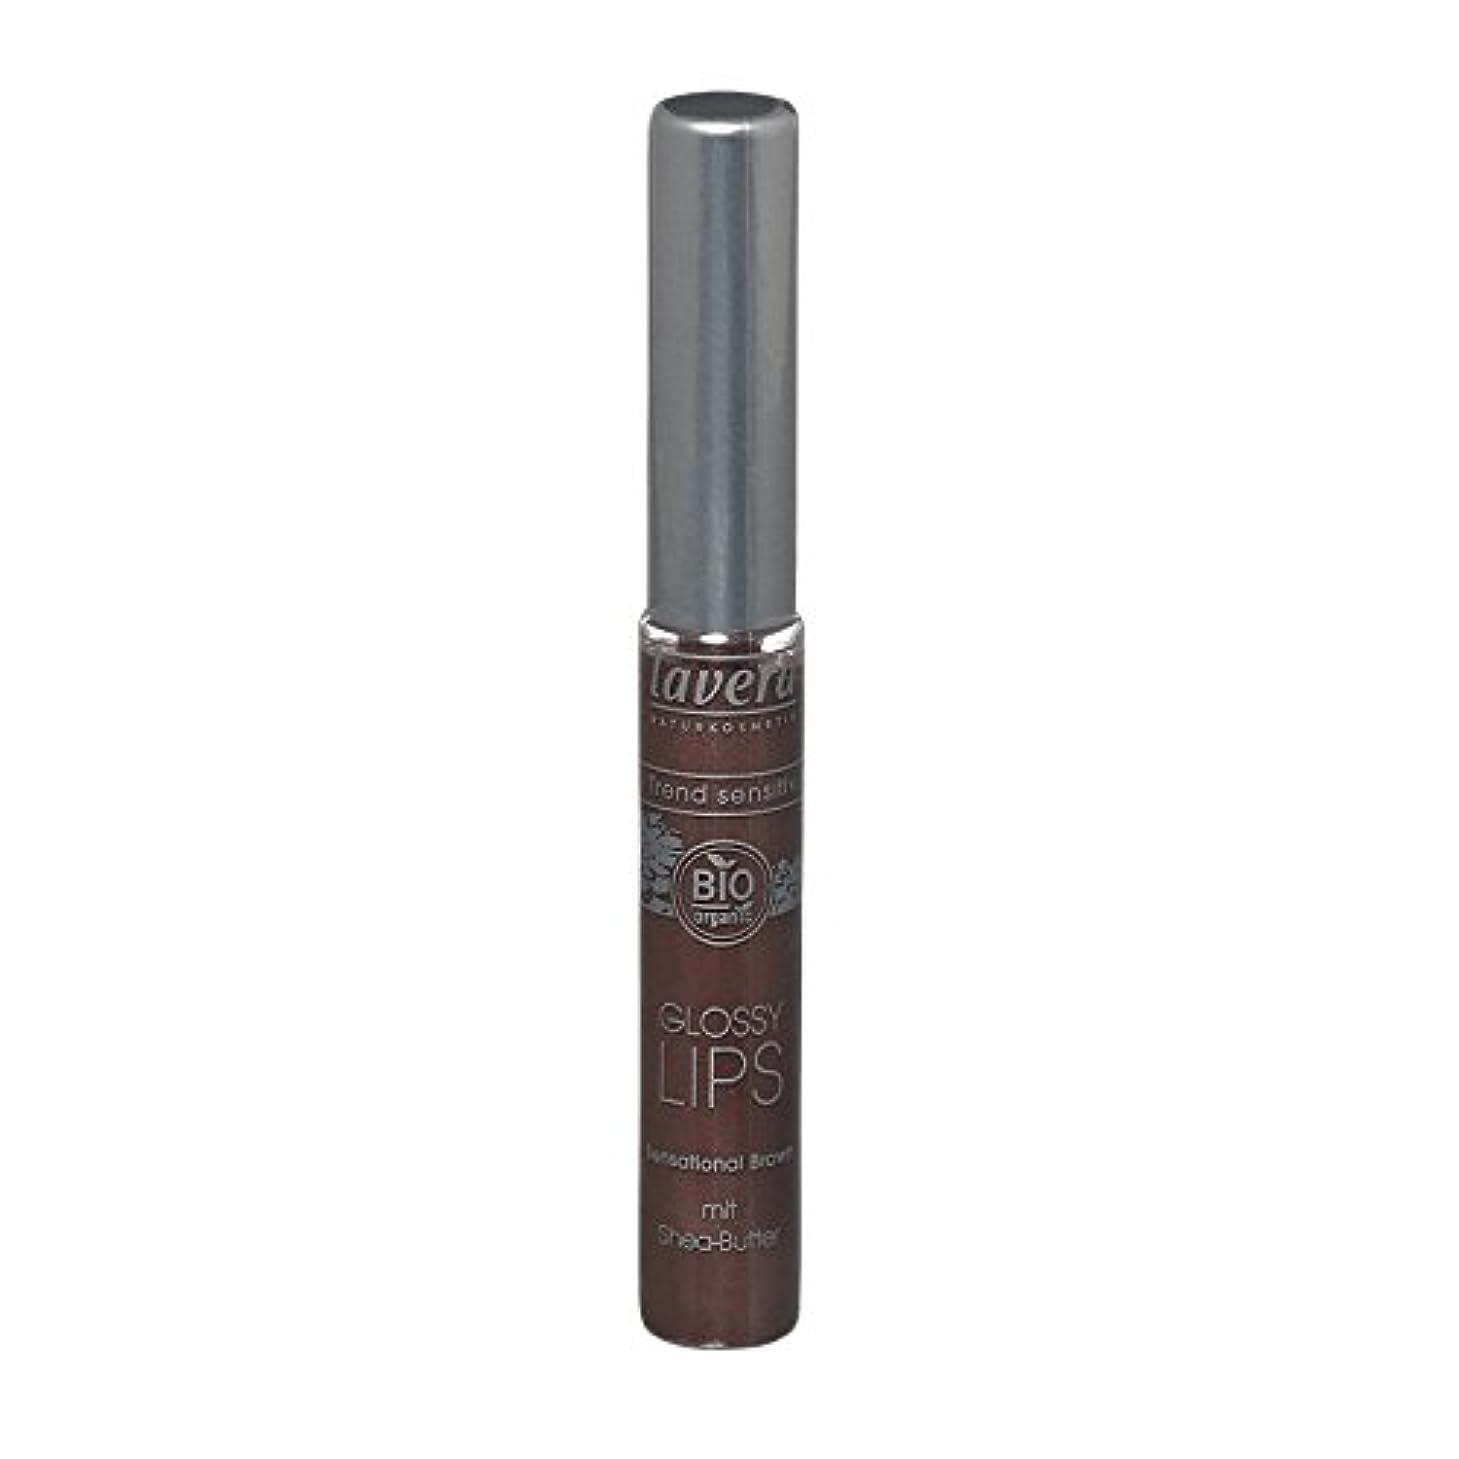 懐疑論篭花嫁Lavera Trend Sensitiv Glossy Lips 05 Sensational Brown (Pack of 2) - Lavera傾向Sensitiv光沢のある唇05センセーショナルな茶色 (x2) [並行輸入品]